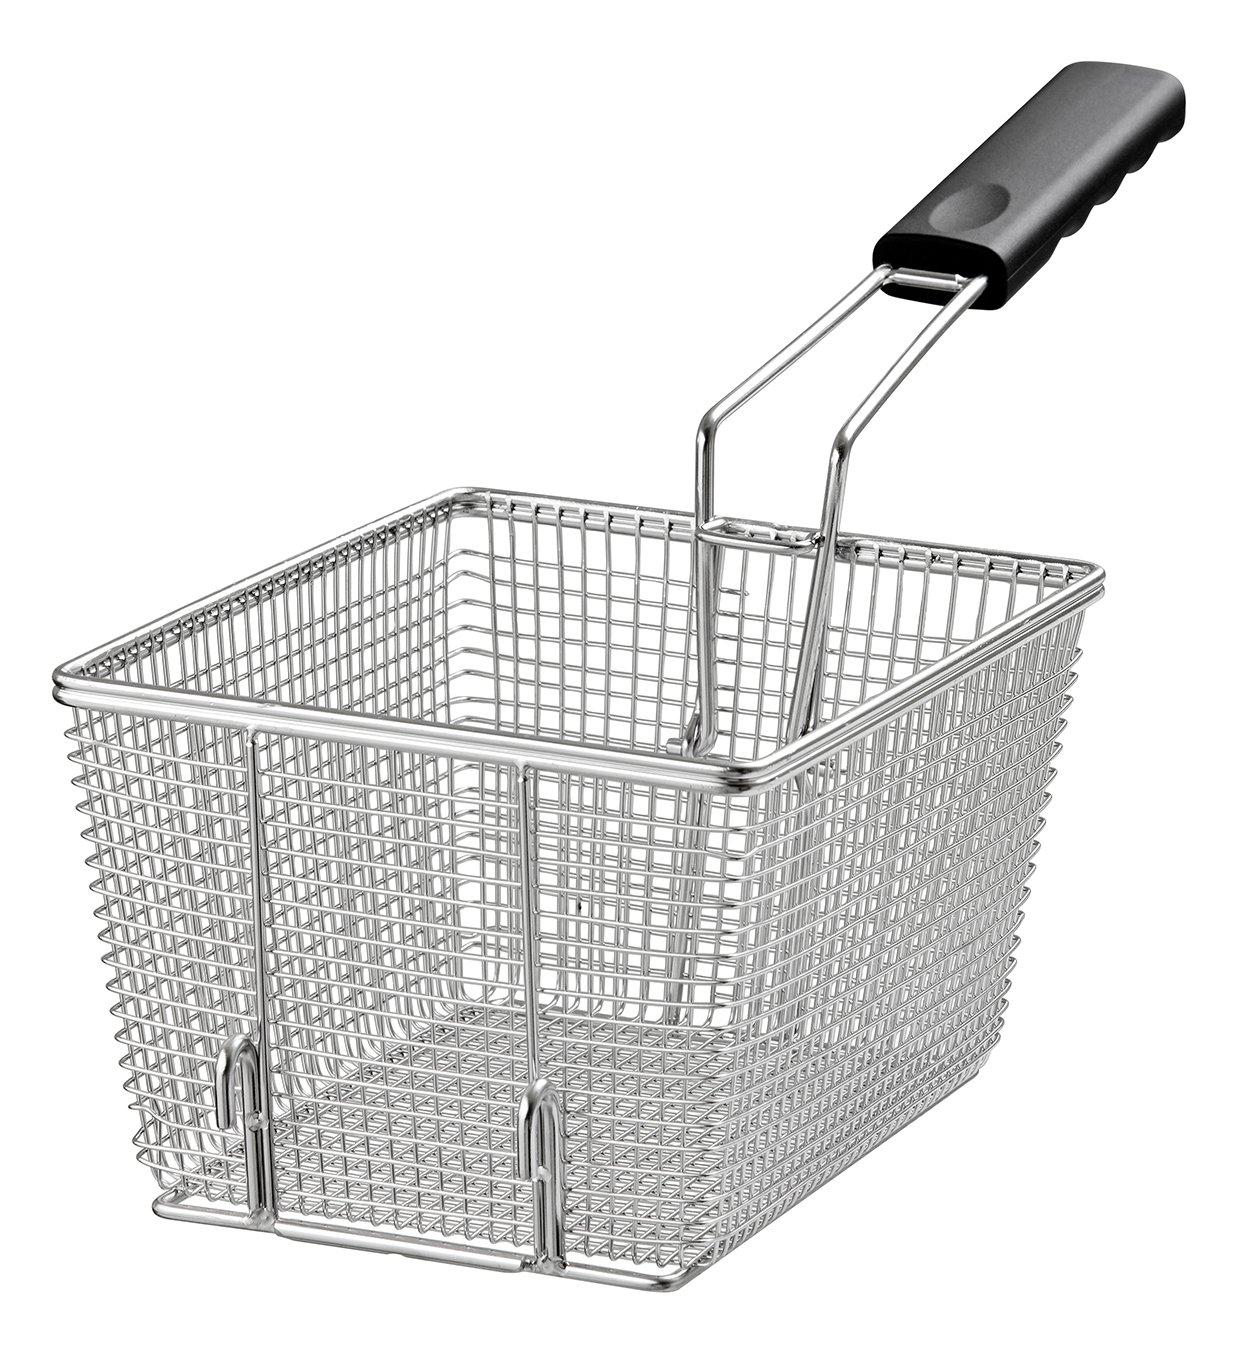 Cestello di ricambio per friggitrici A162800E, A162802E - Bartscher 165520